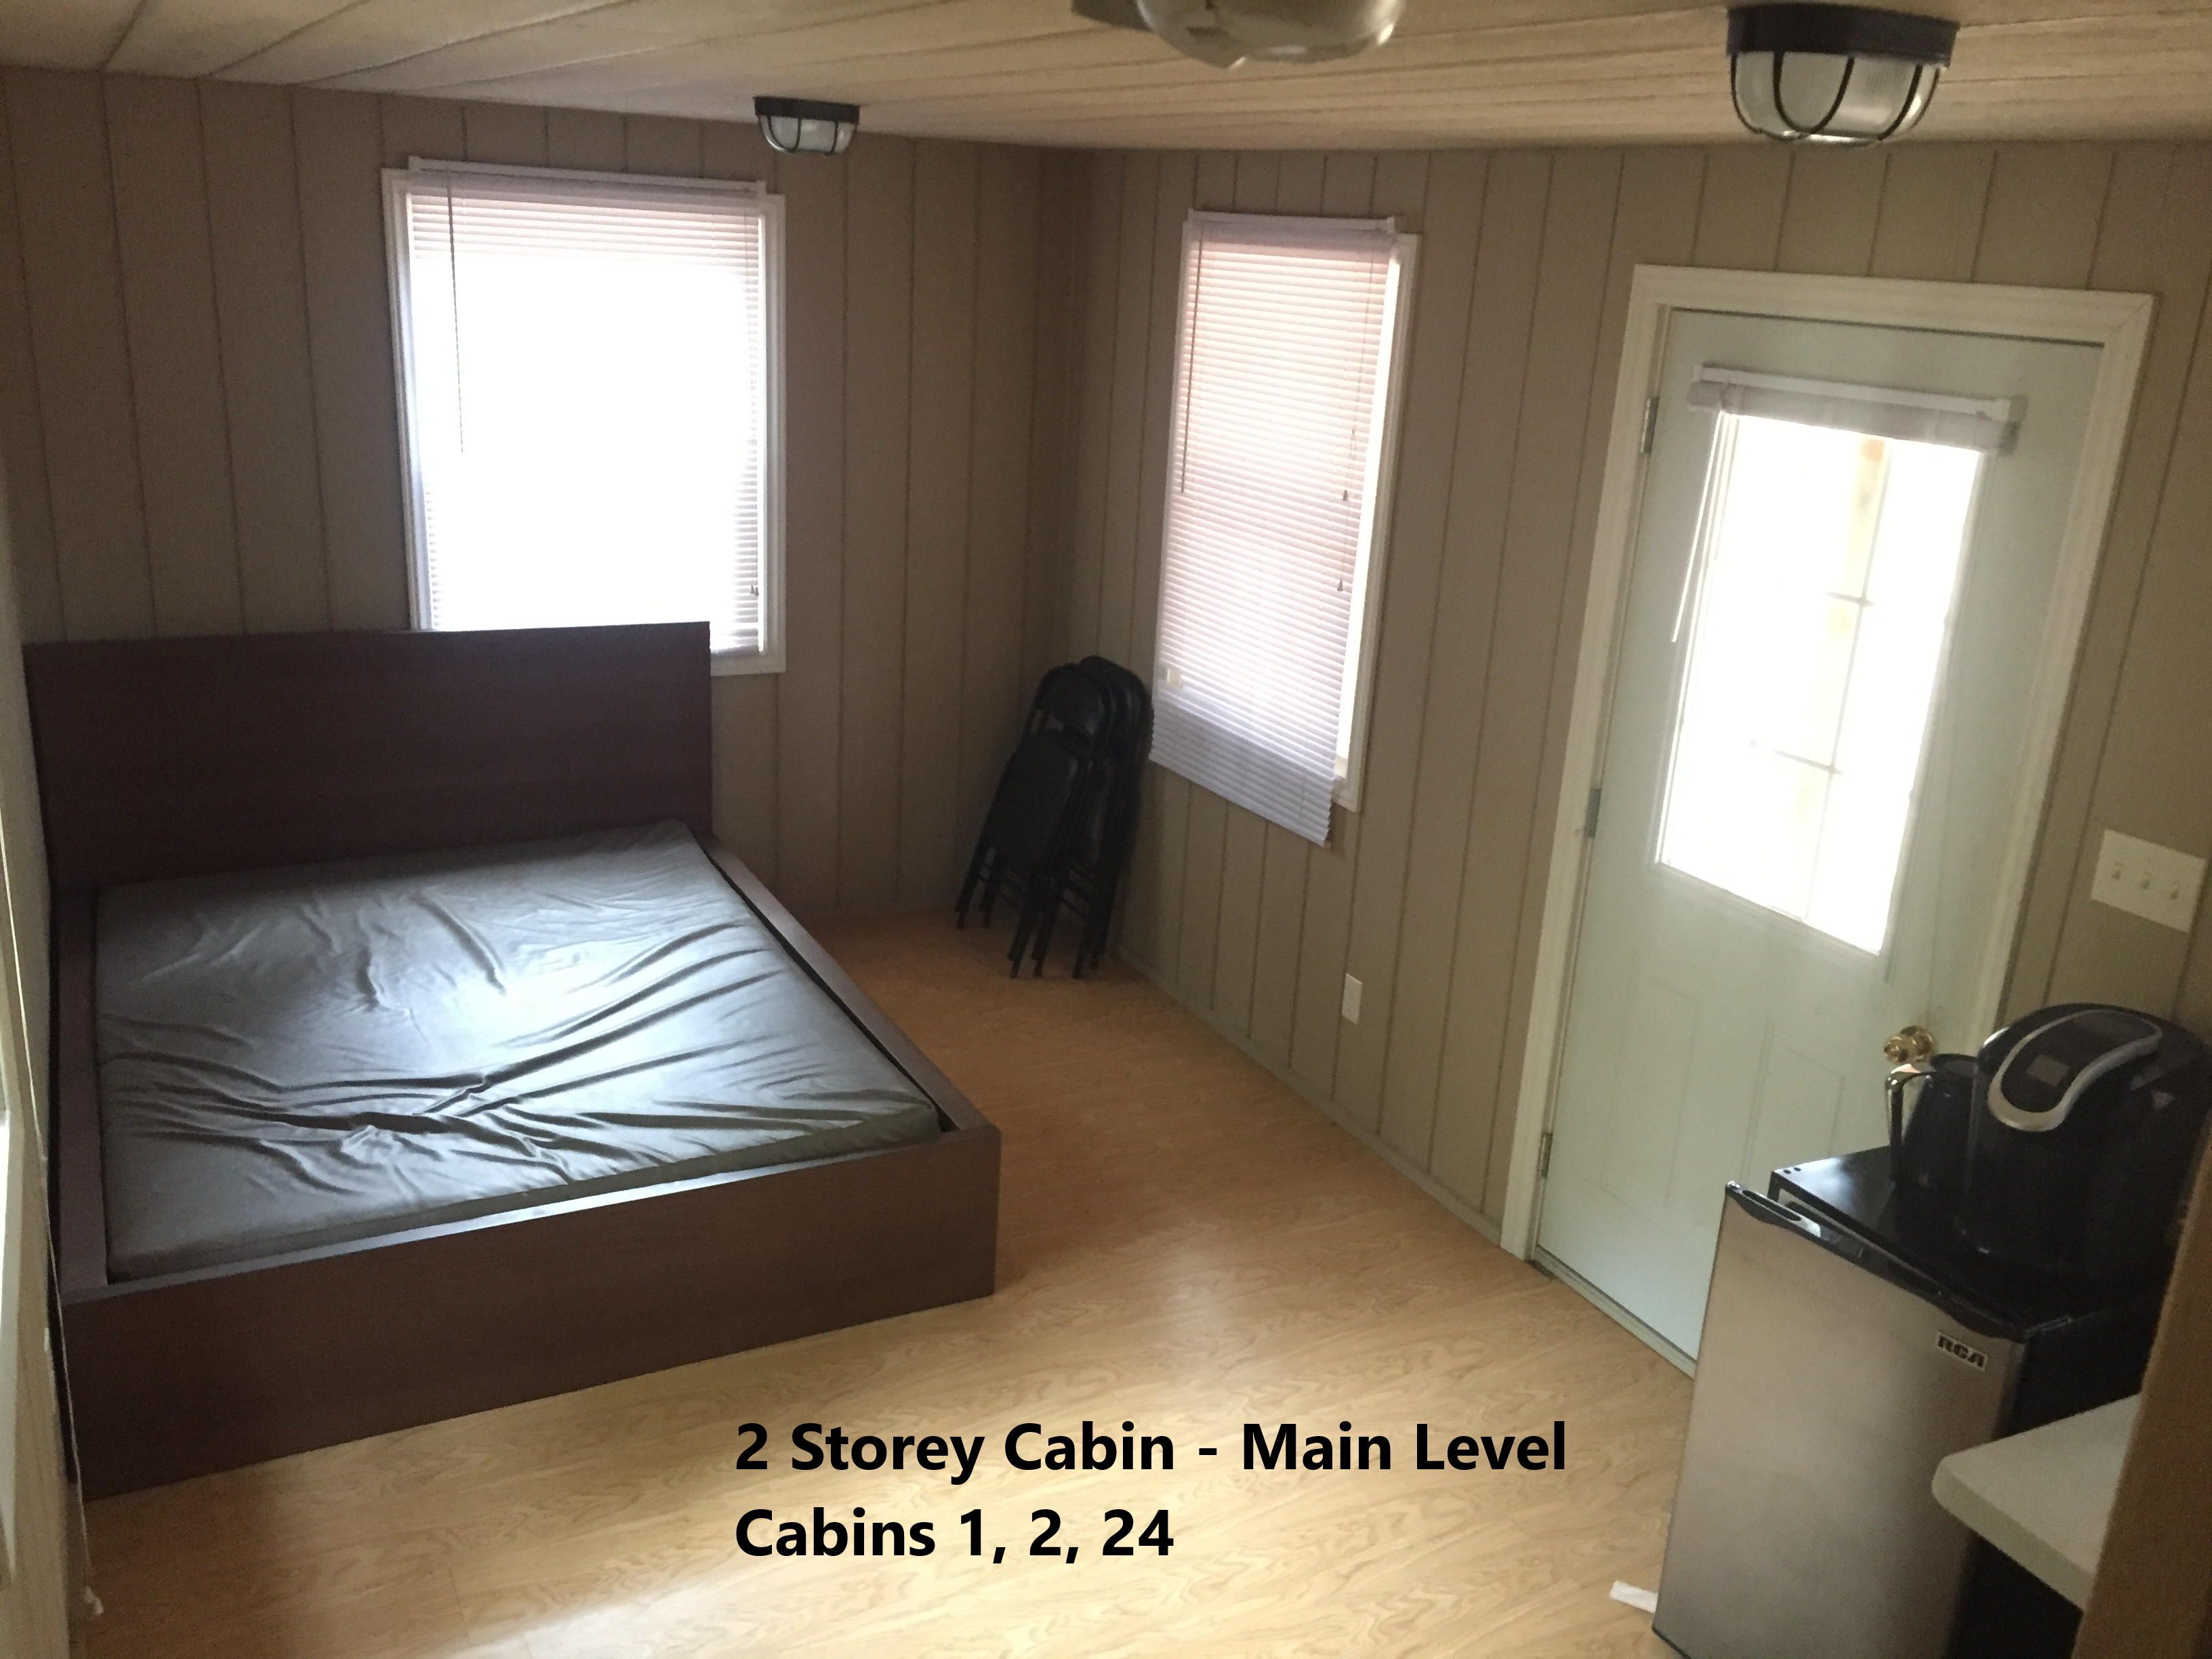 2 Storey Cabin Main Level - 1, 2, 24